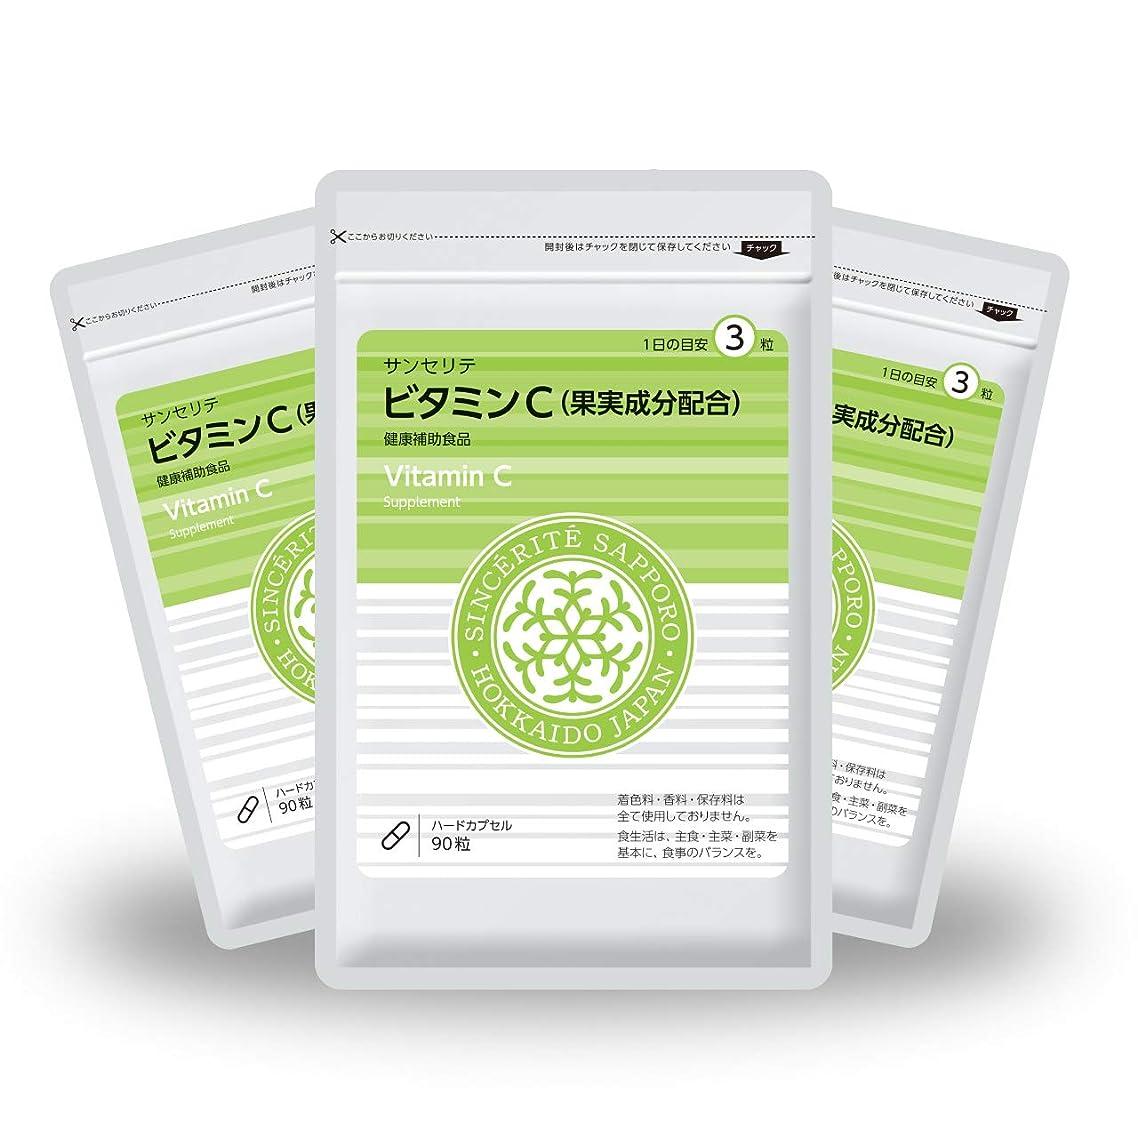 定数リスナー干し草ビタミンC 3袋セット[レモン50個分のビタミンC] たっぷり1000mg配合 [国内製造]お得な90日分